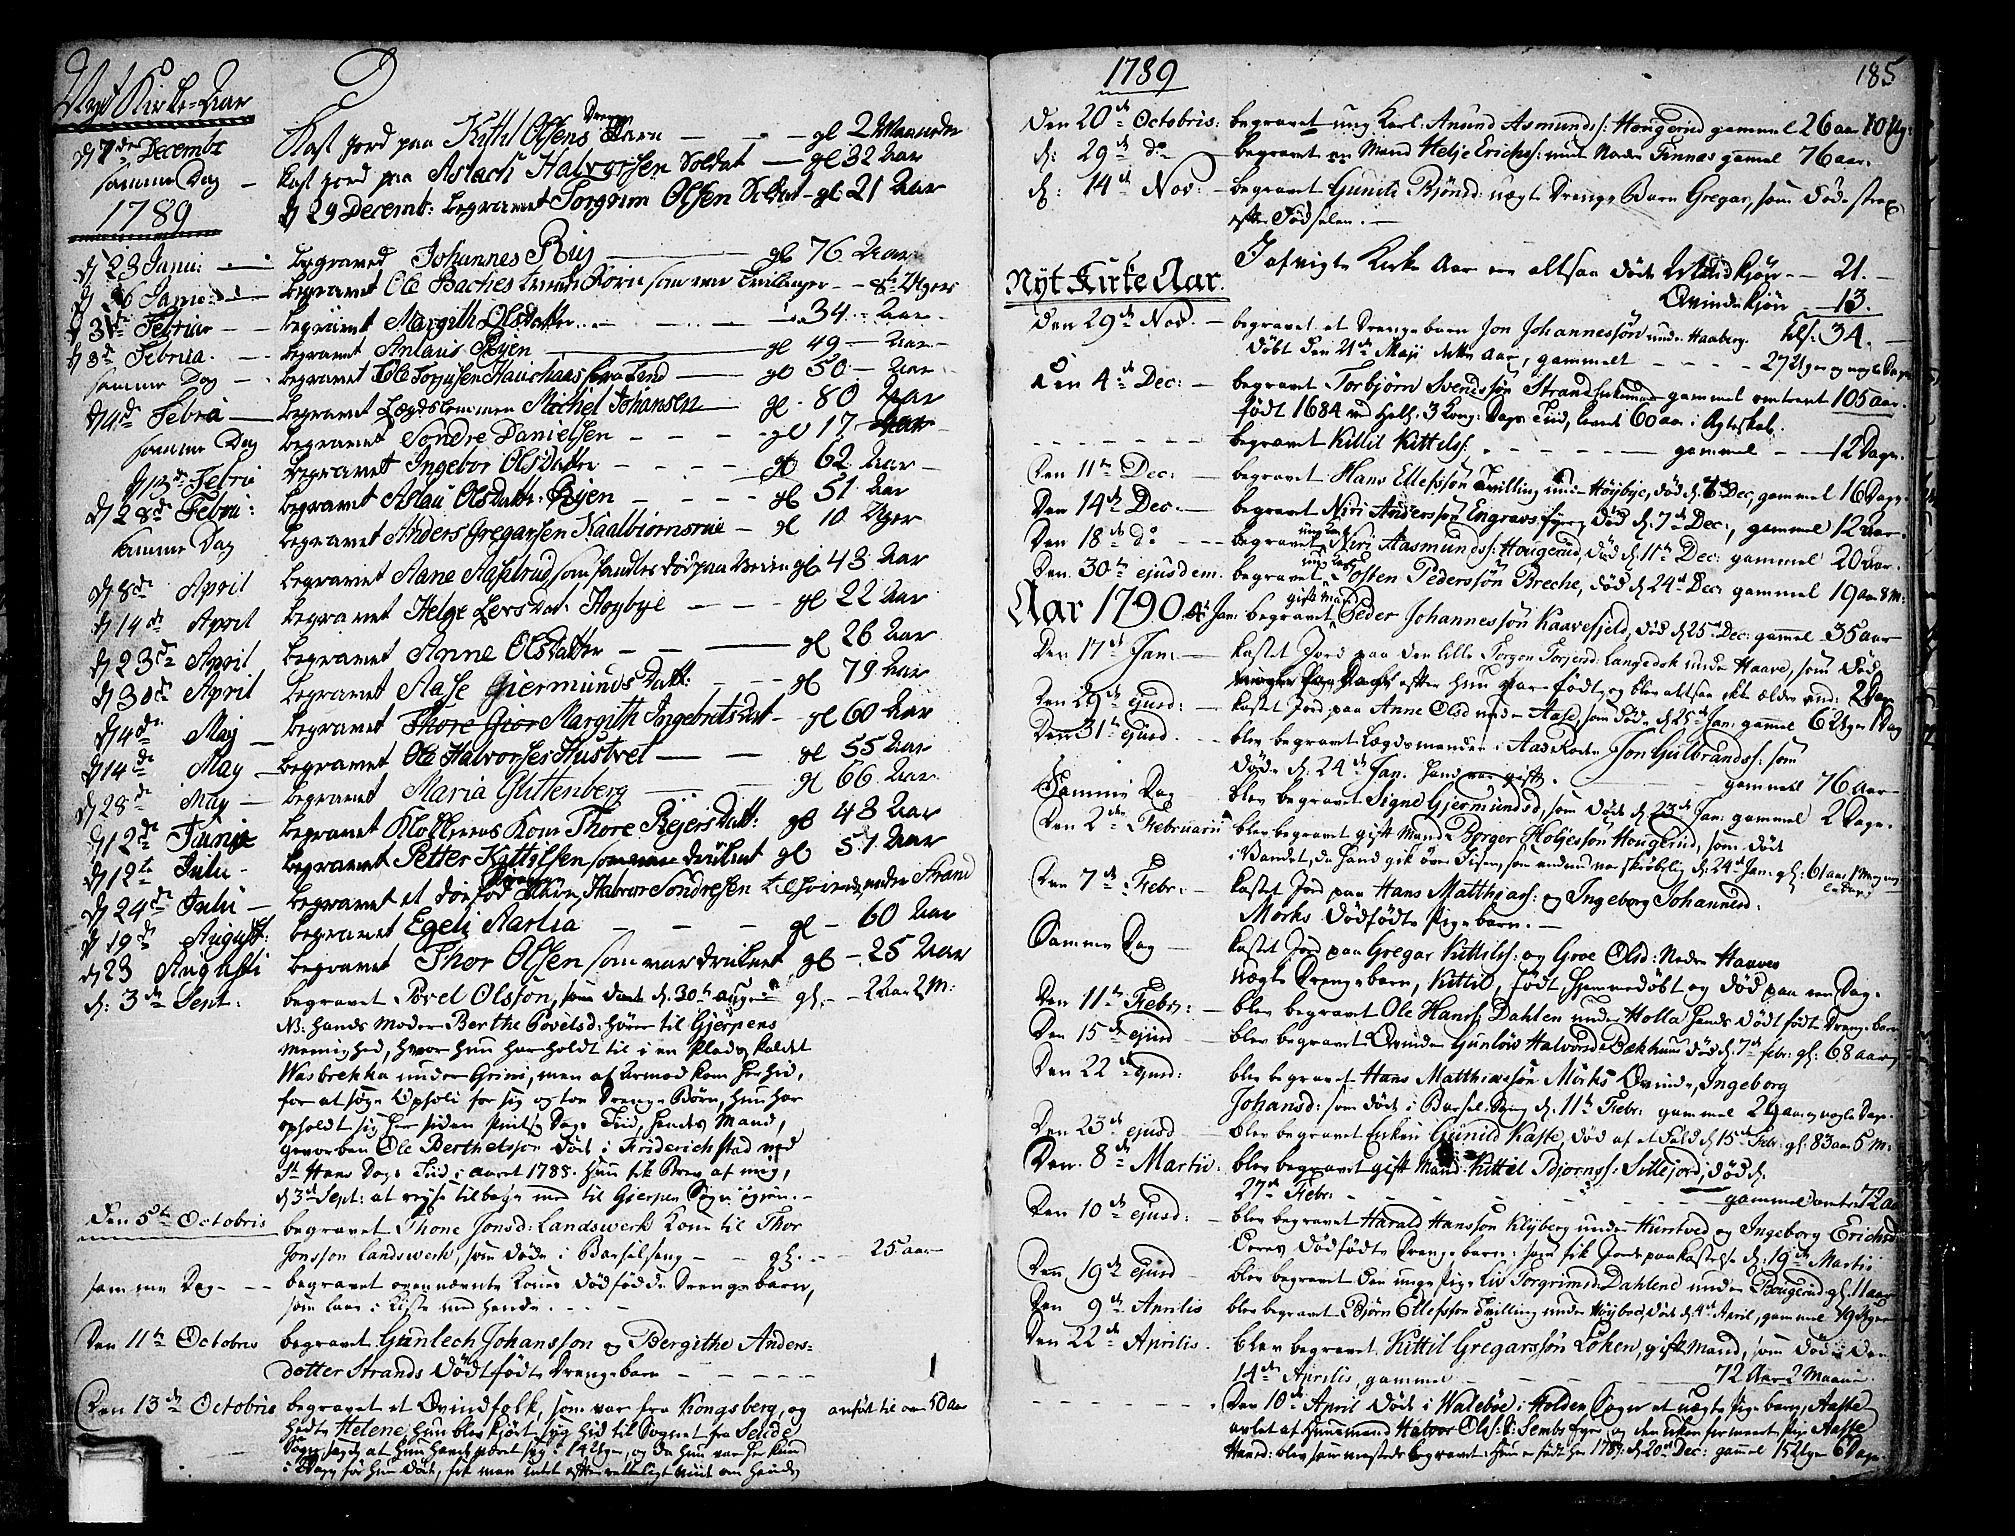 SAKO, Heddal kirkebøker, F/Fa/L0004: Ministerialbok nr. I 4, 1784-1814, s. 185